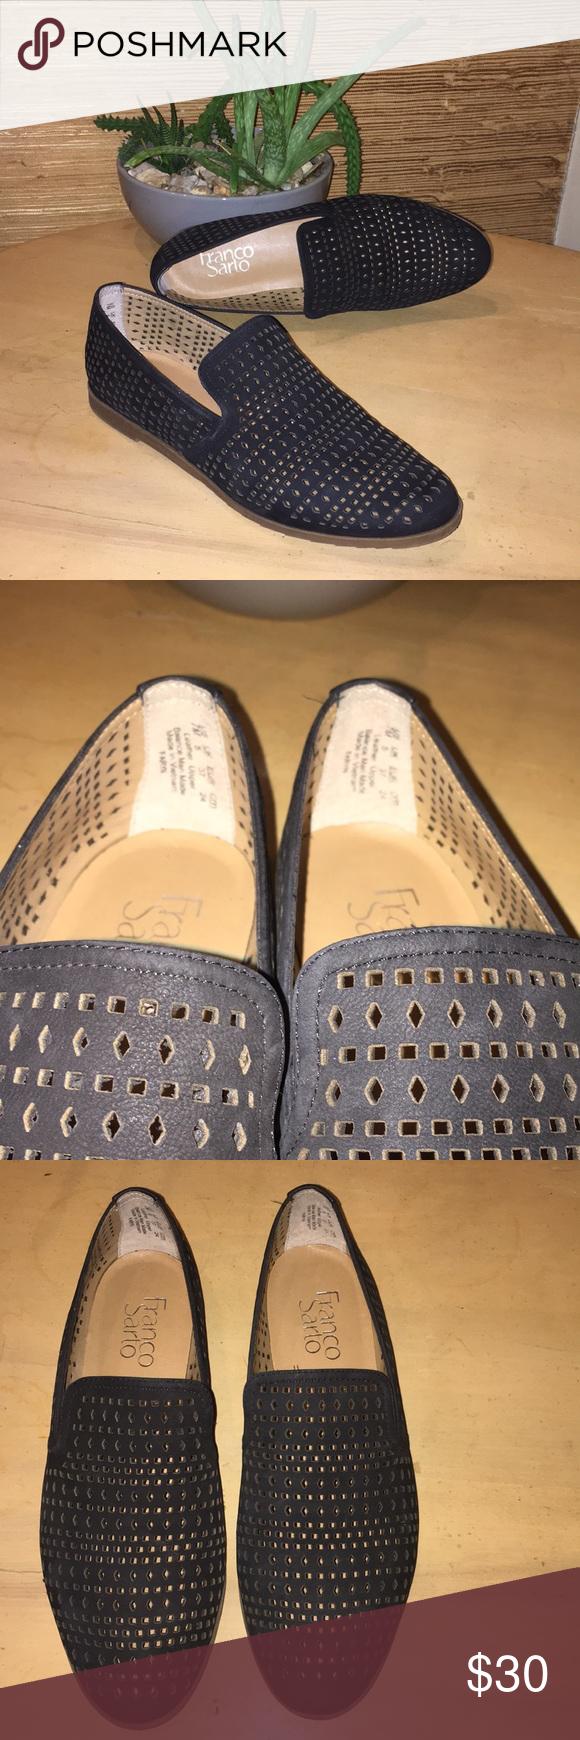 5a0c3cd3f26 Franco Sarto Black Faryn Suede Loafers Size 7 Franco Sarto Suede Faryn  Loafers in black.